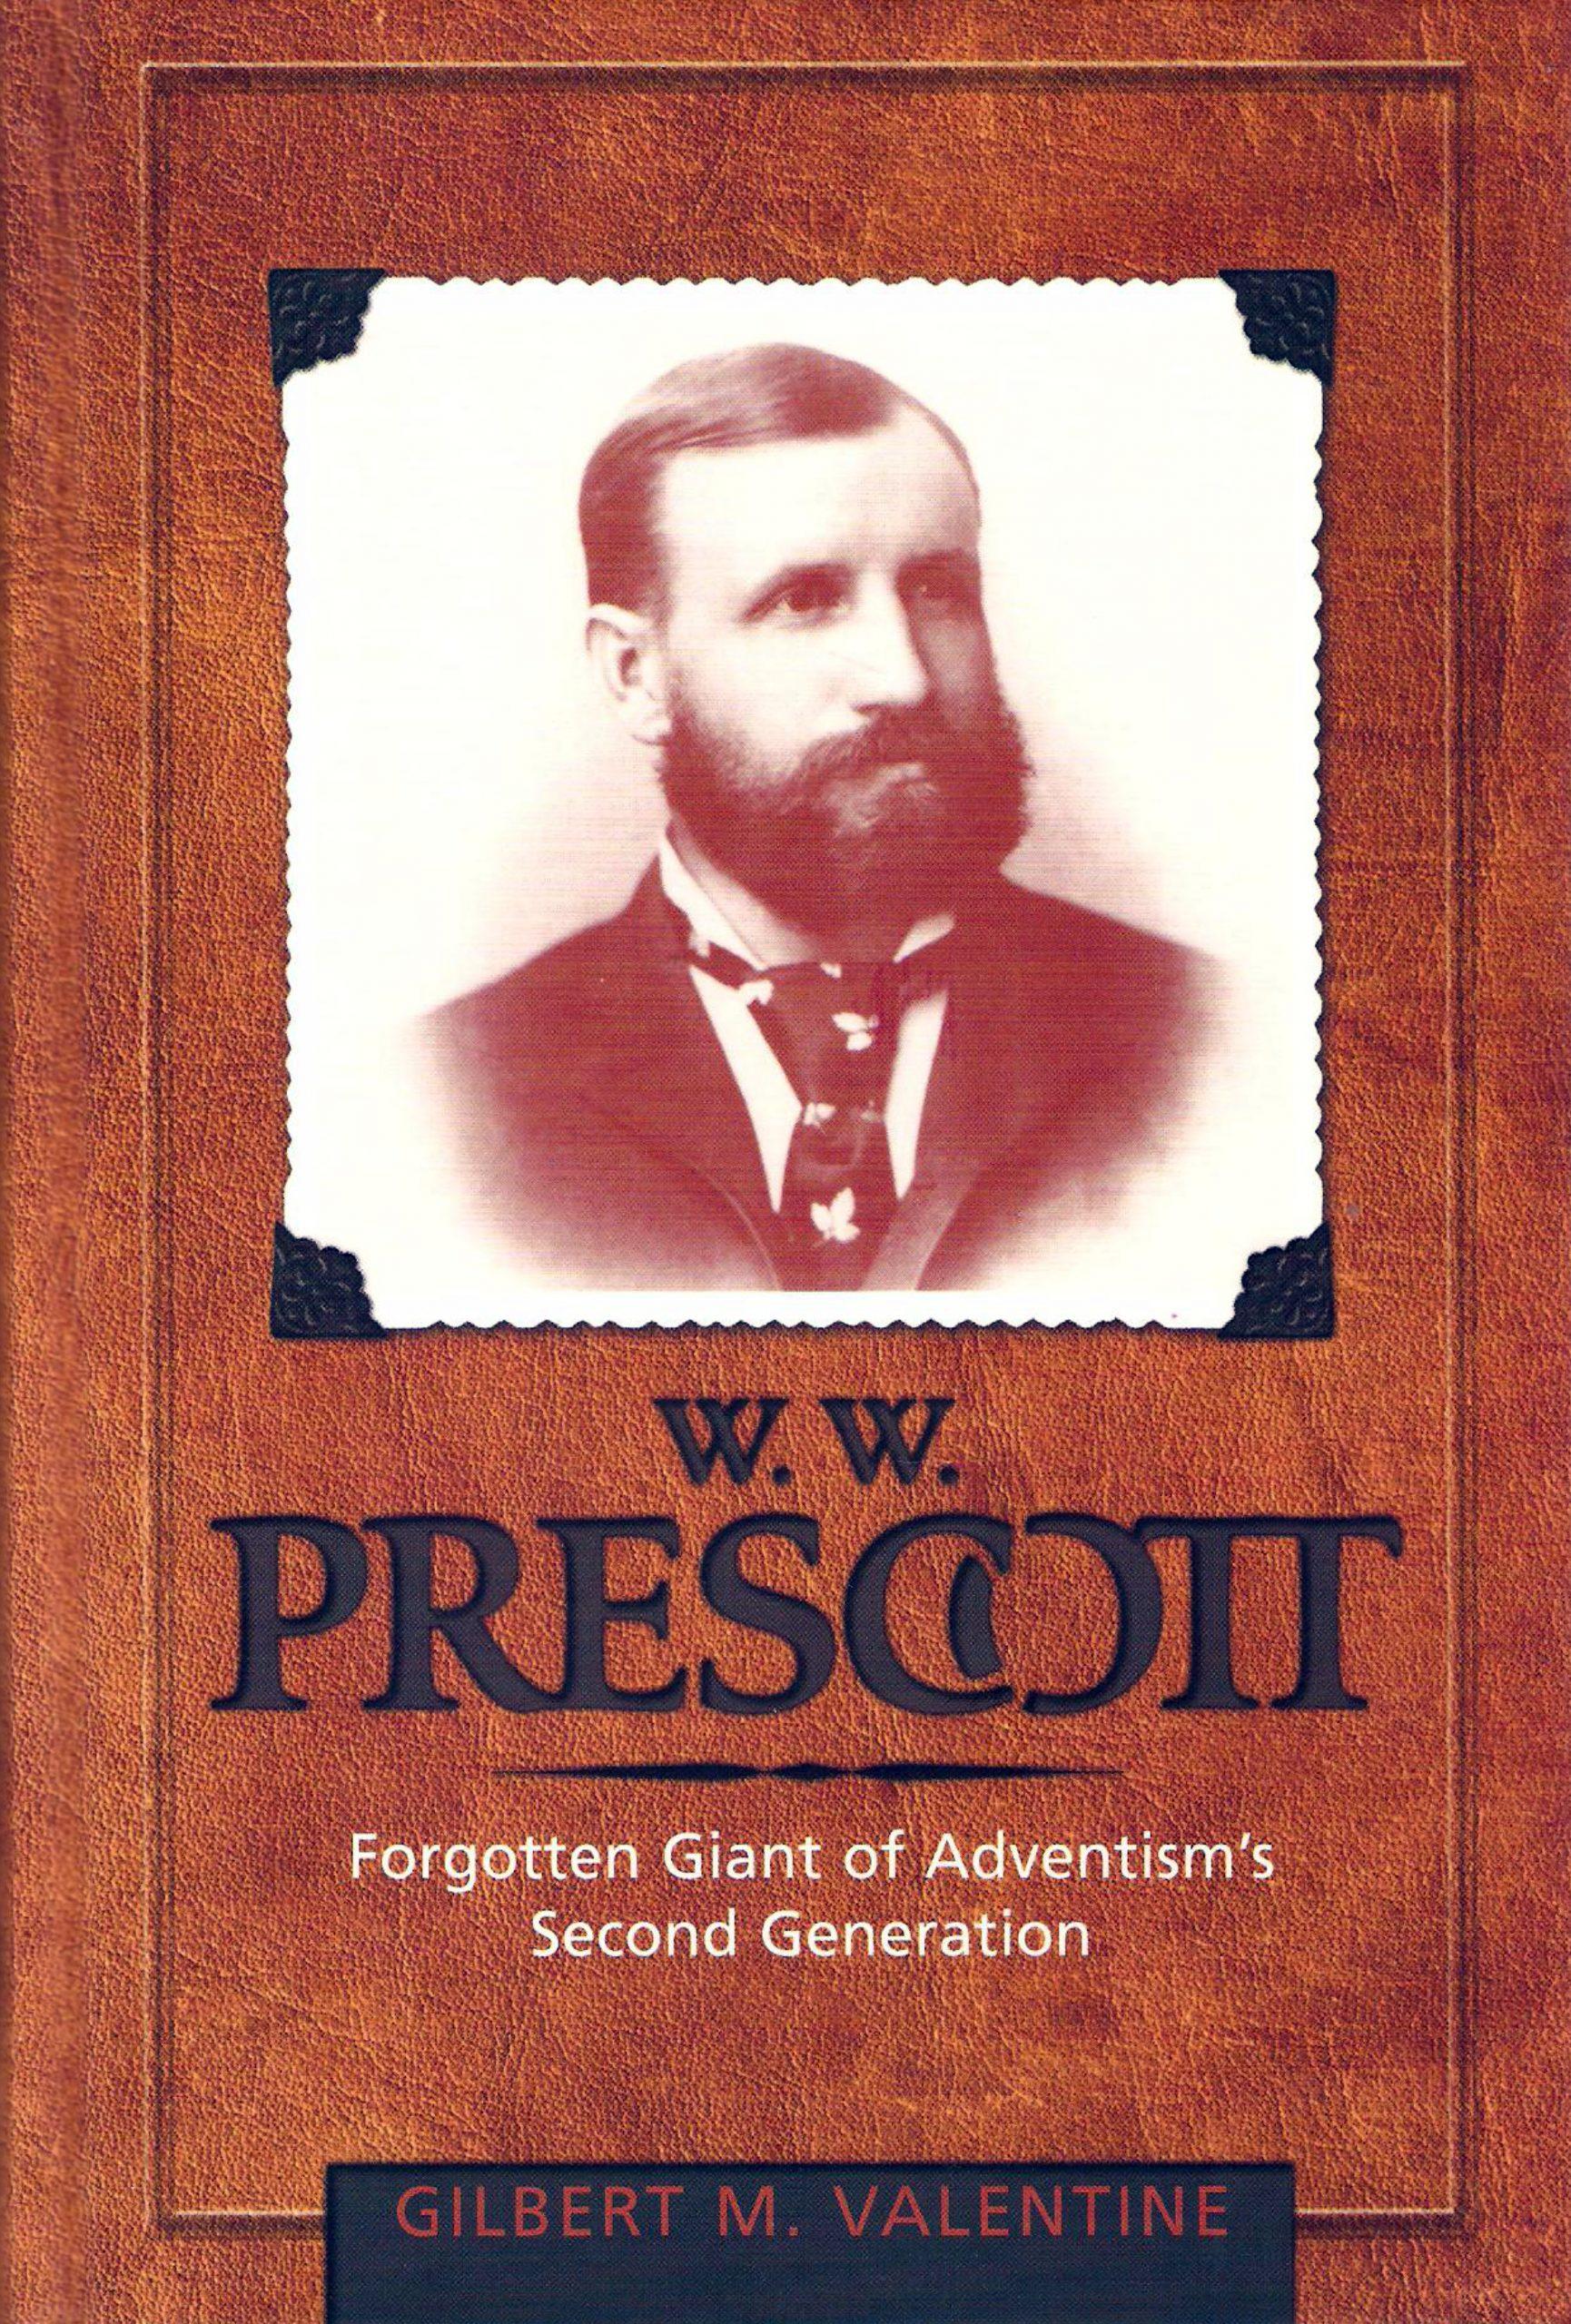 W. W. Prescott